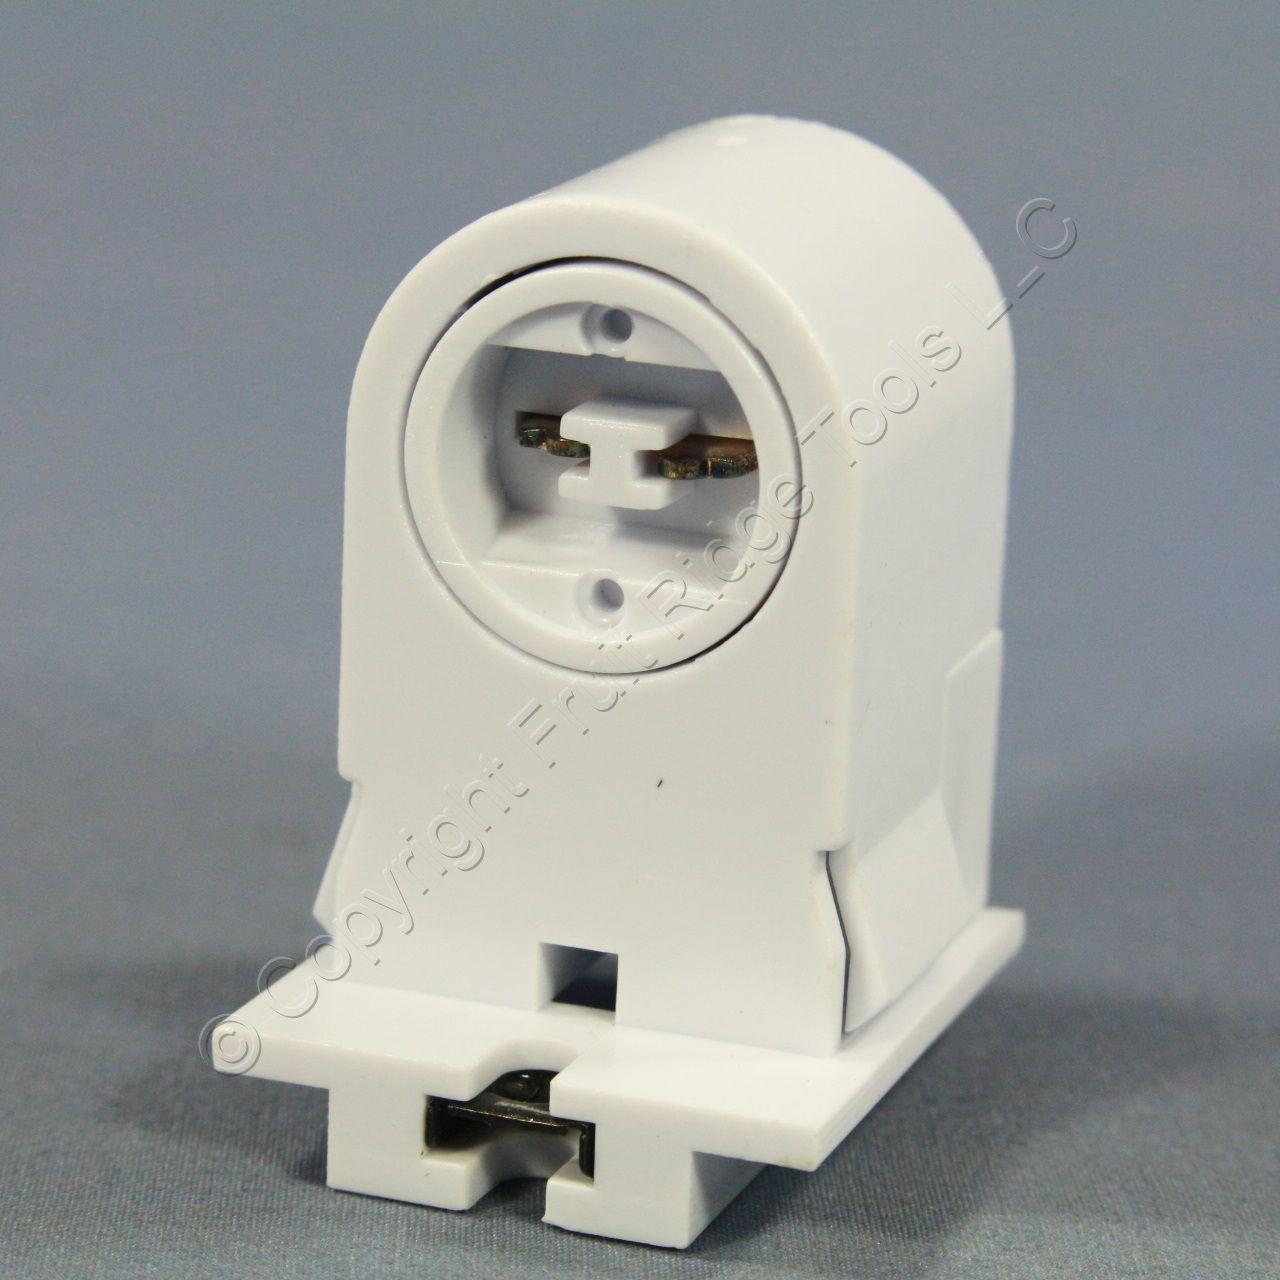 cooper high output ho vho t8 t12 fluorescent light lamp